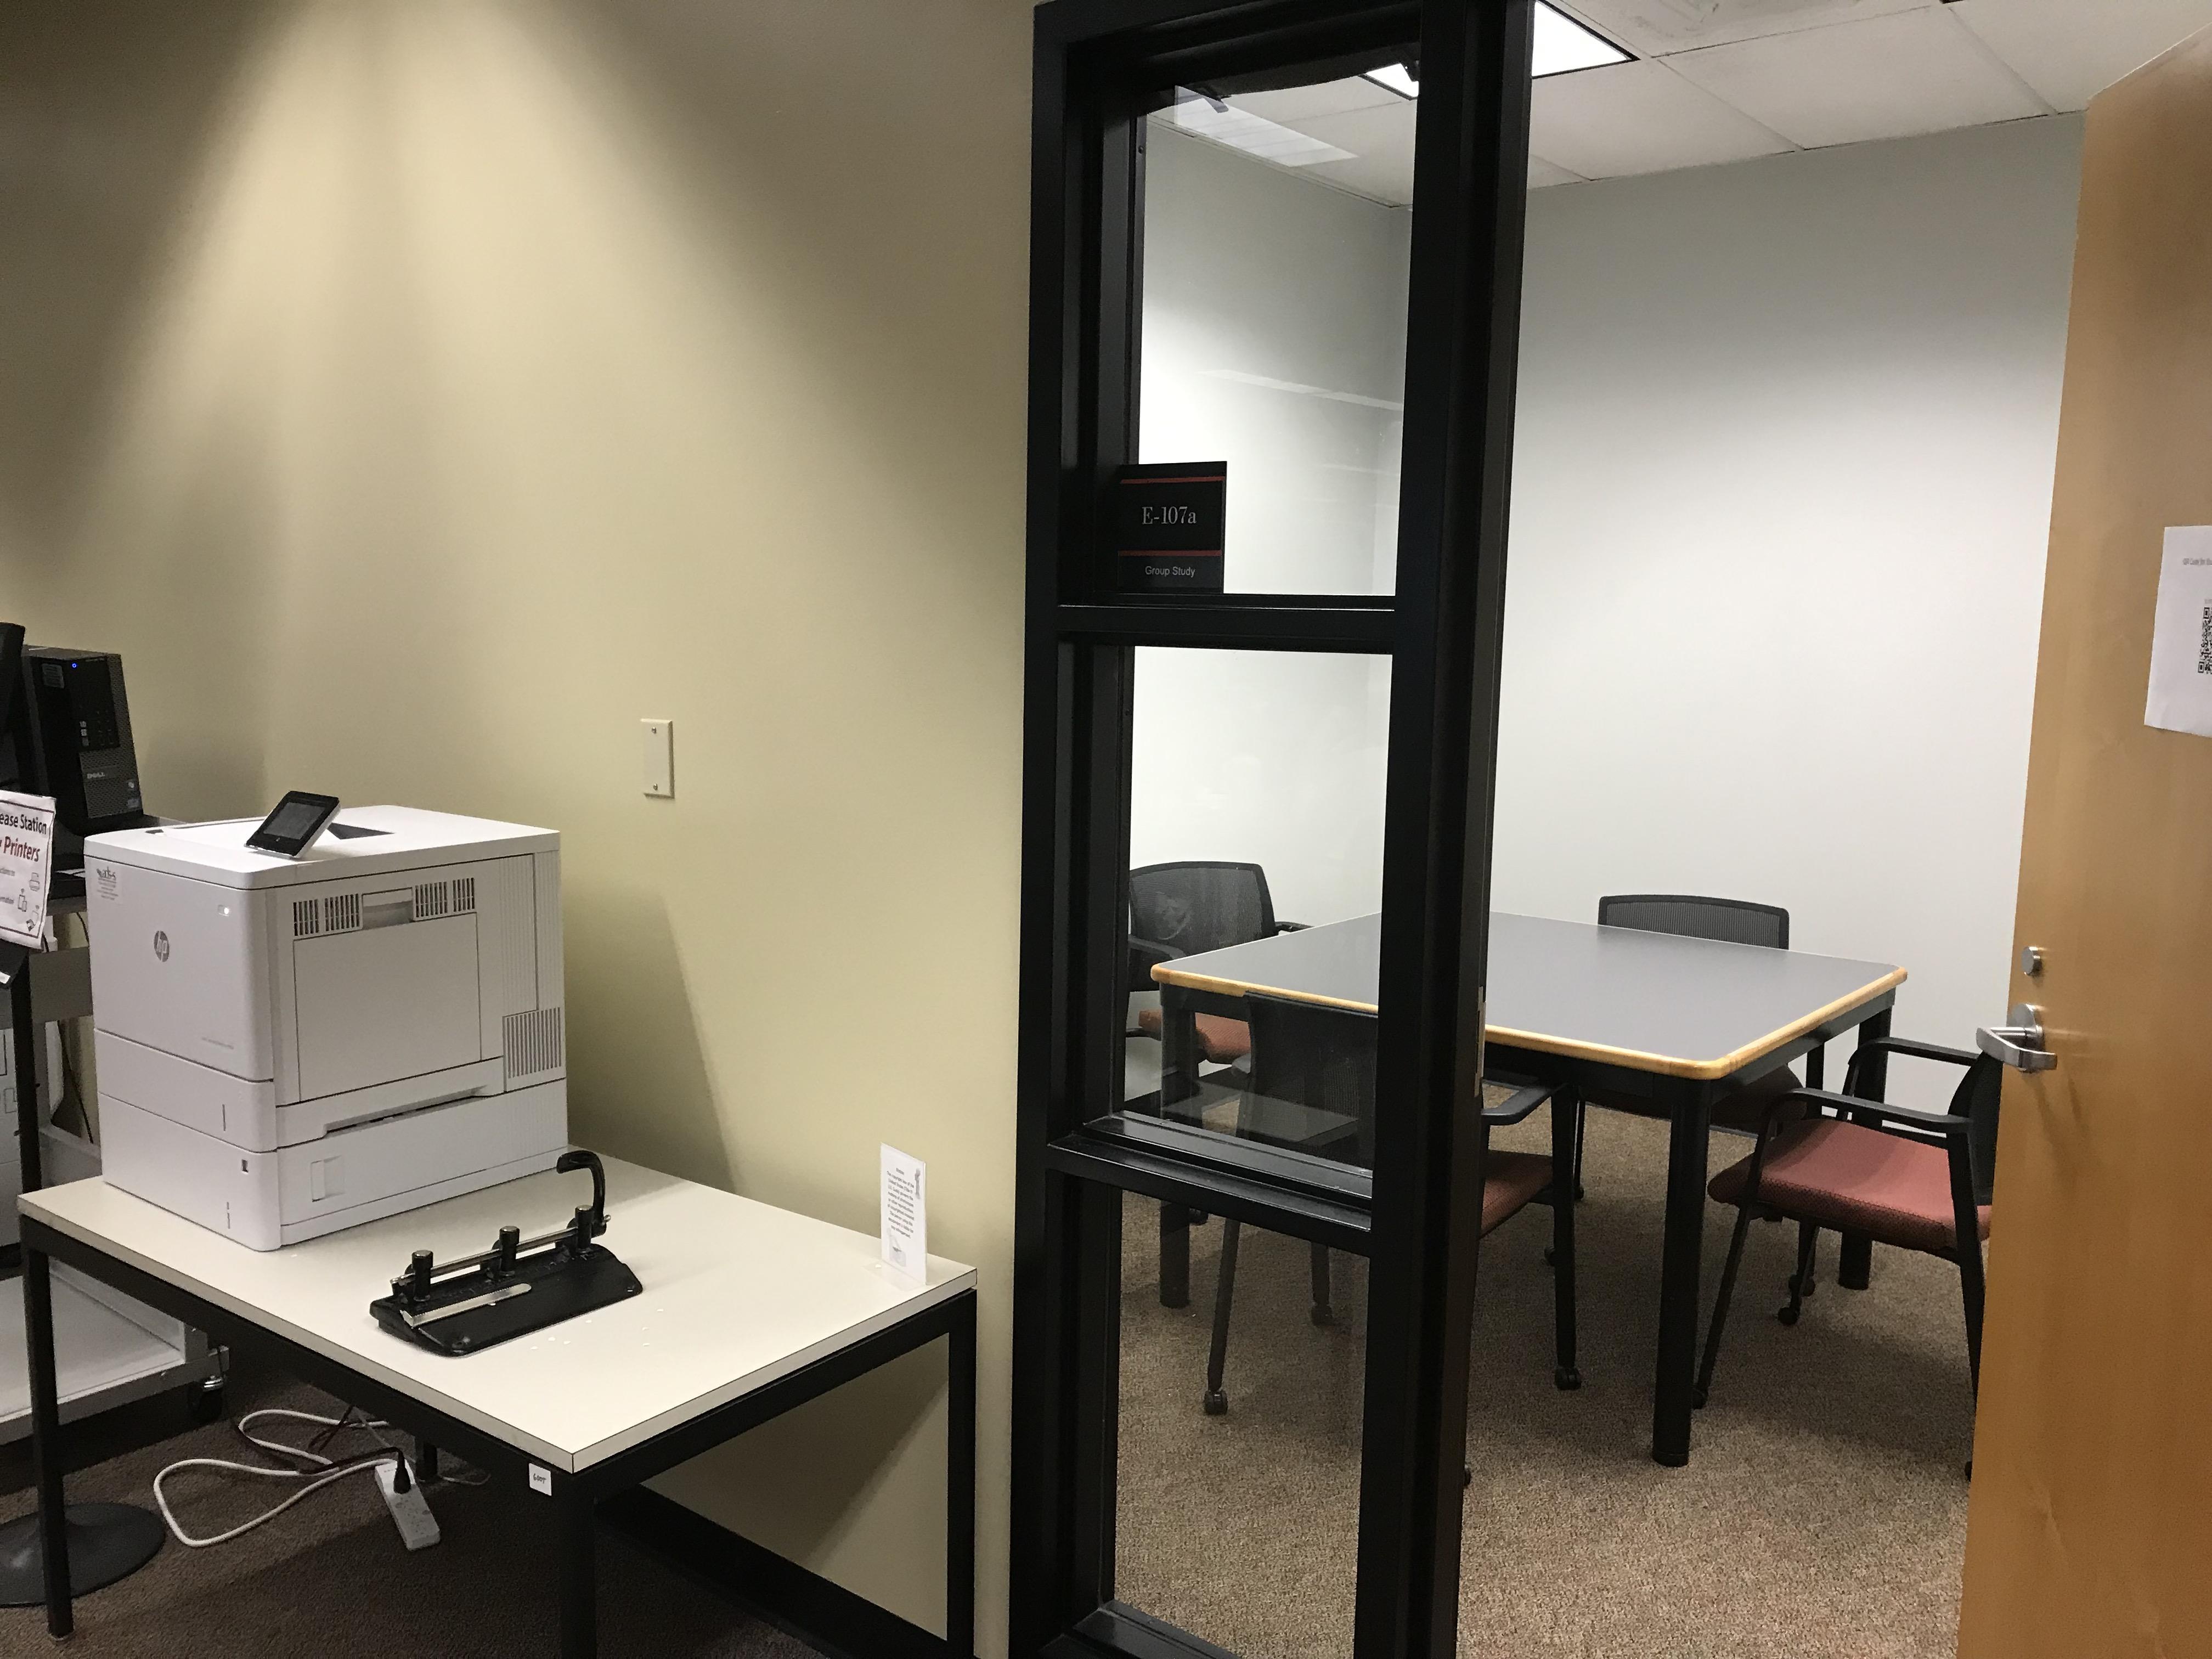 study room E-107a